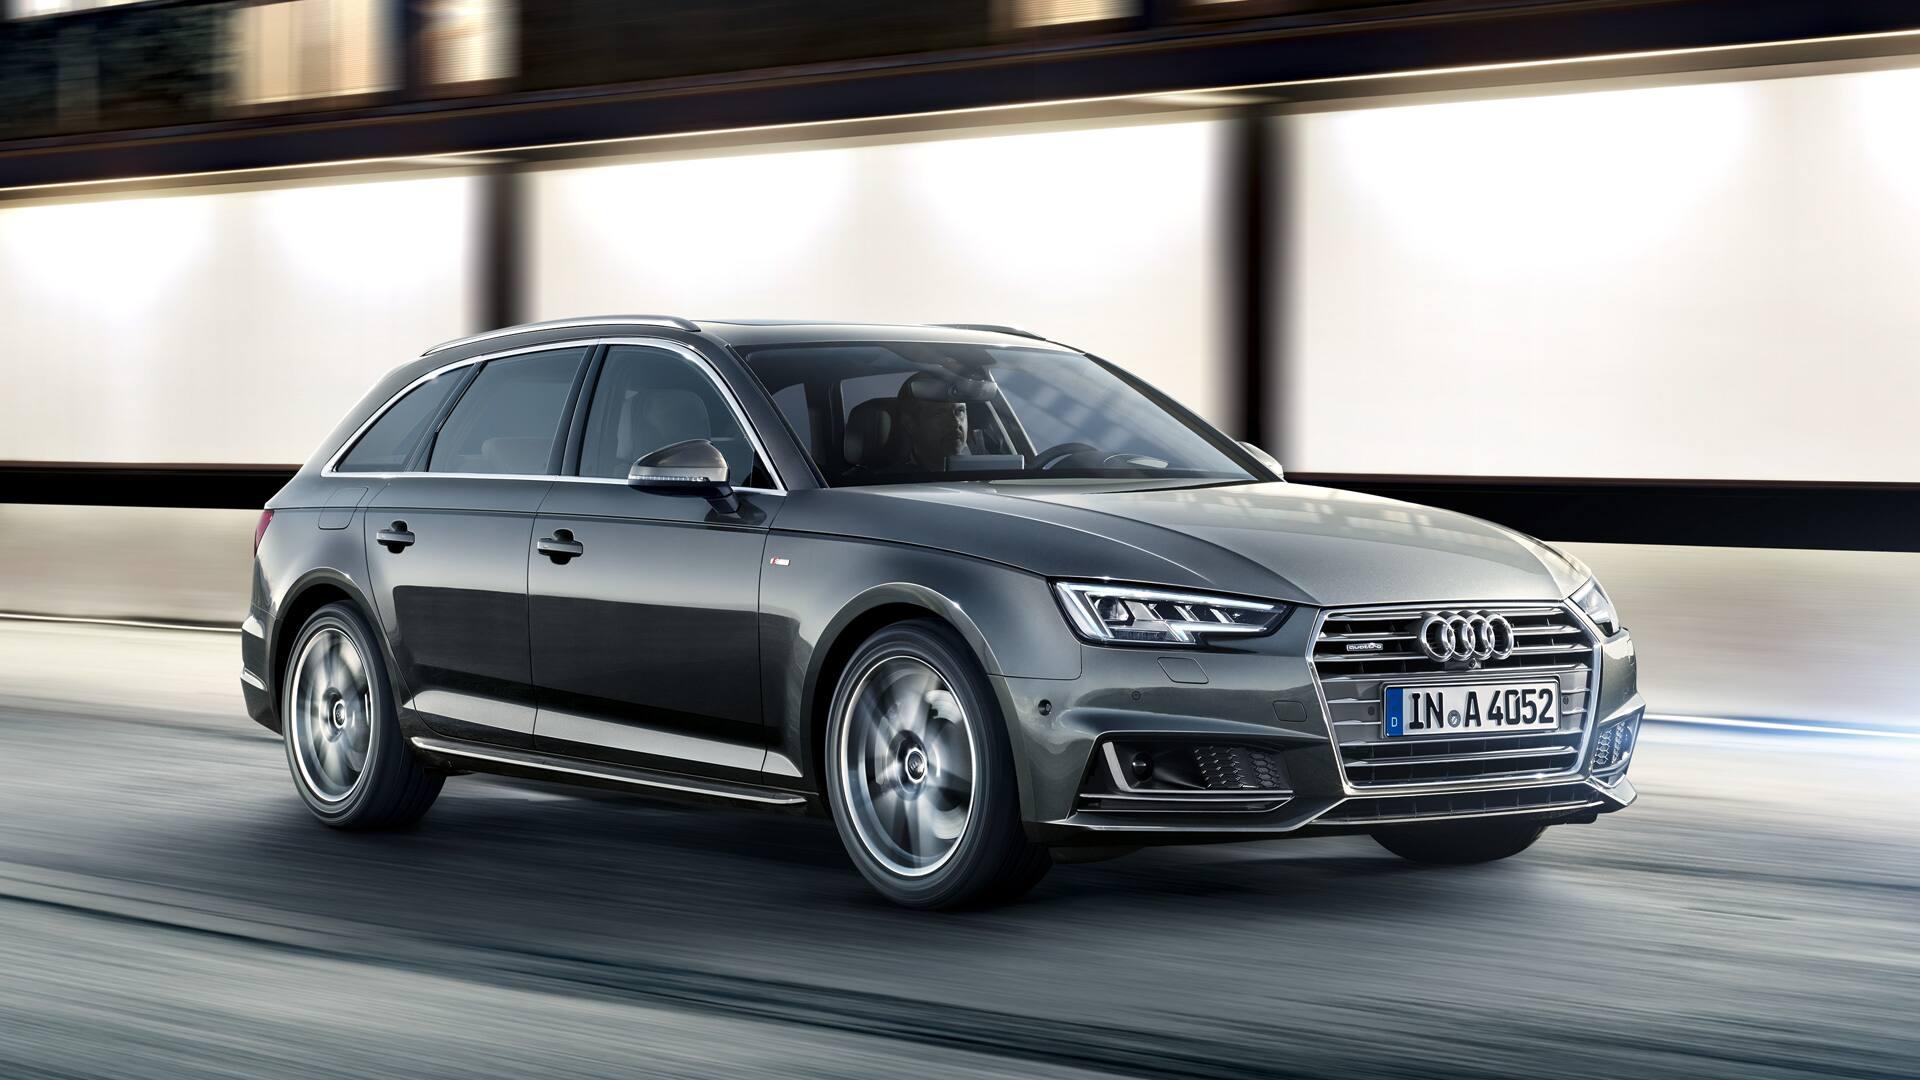 A4 Avant Gt A4 Gt Audi Suisse